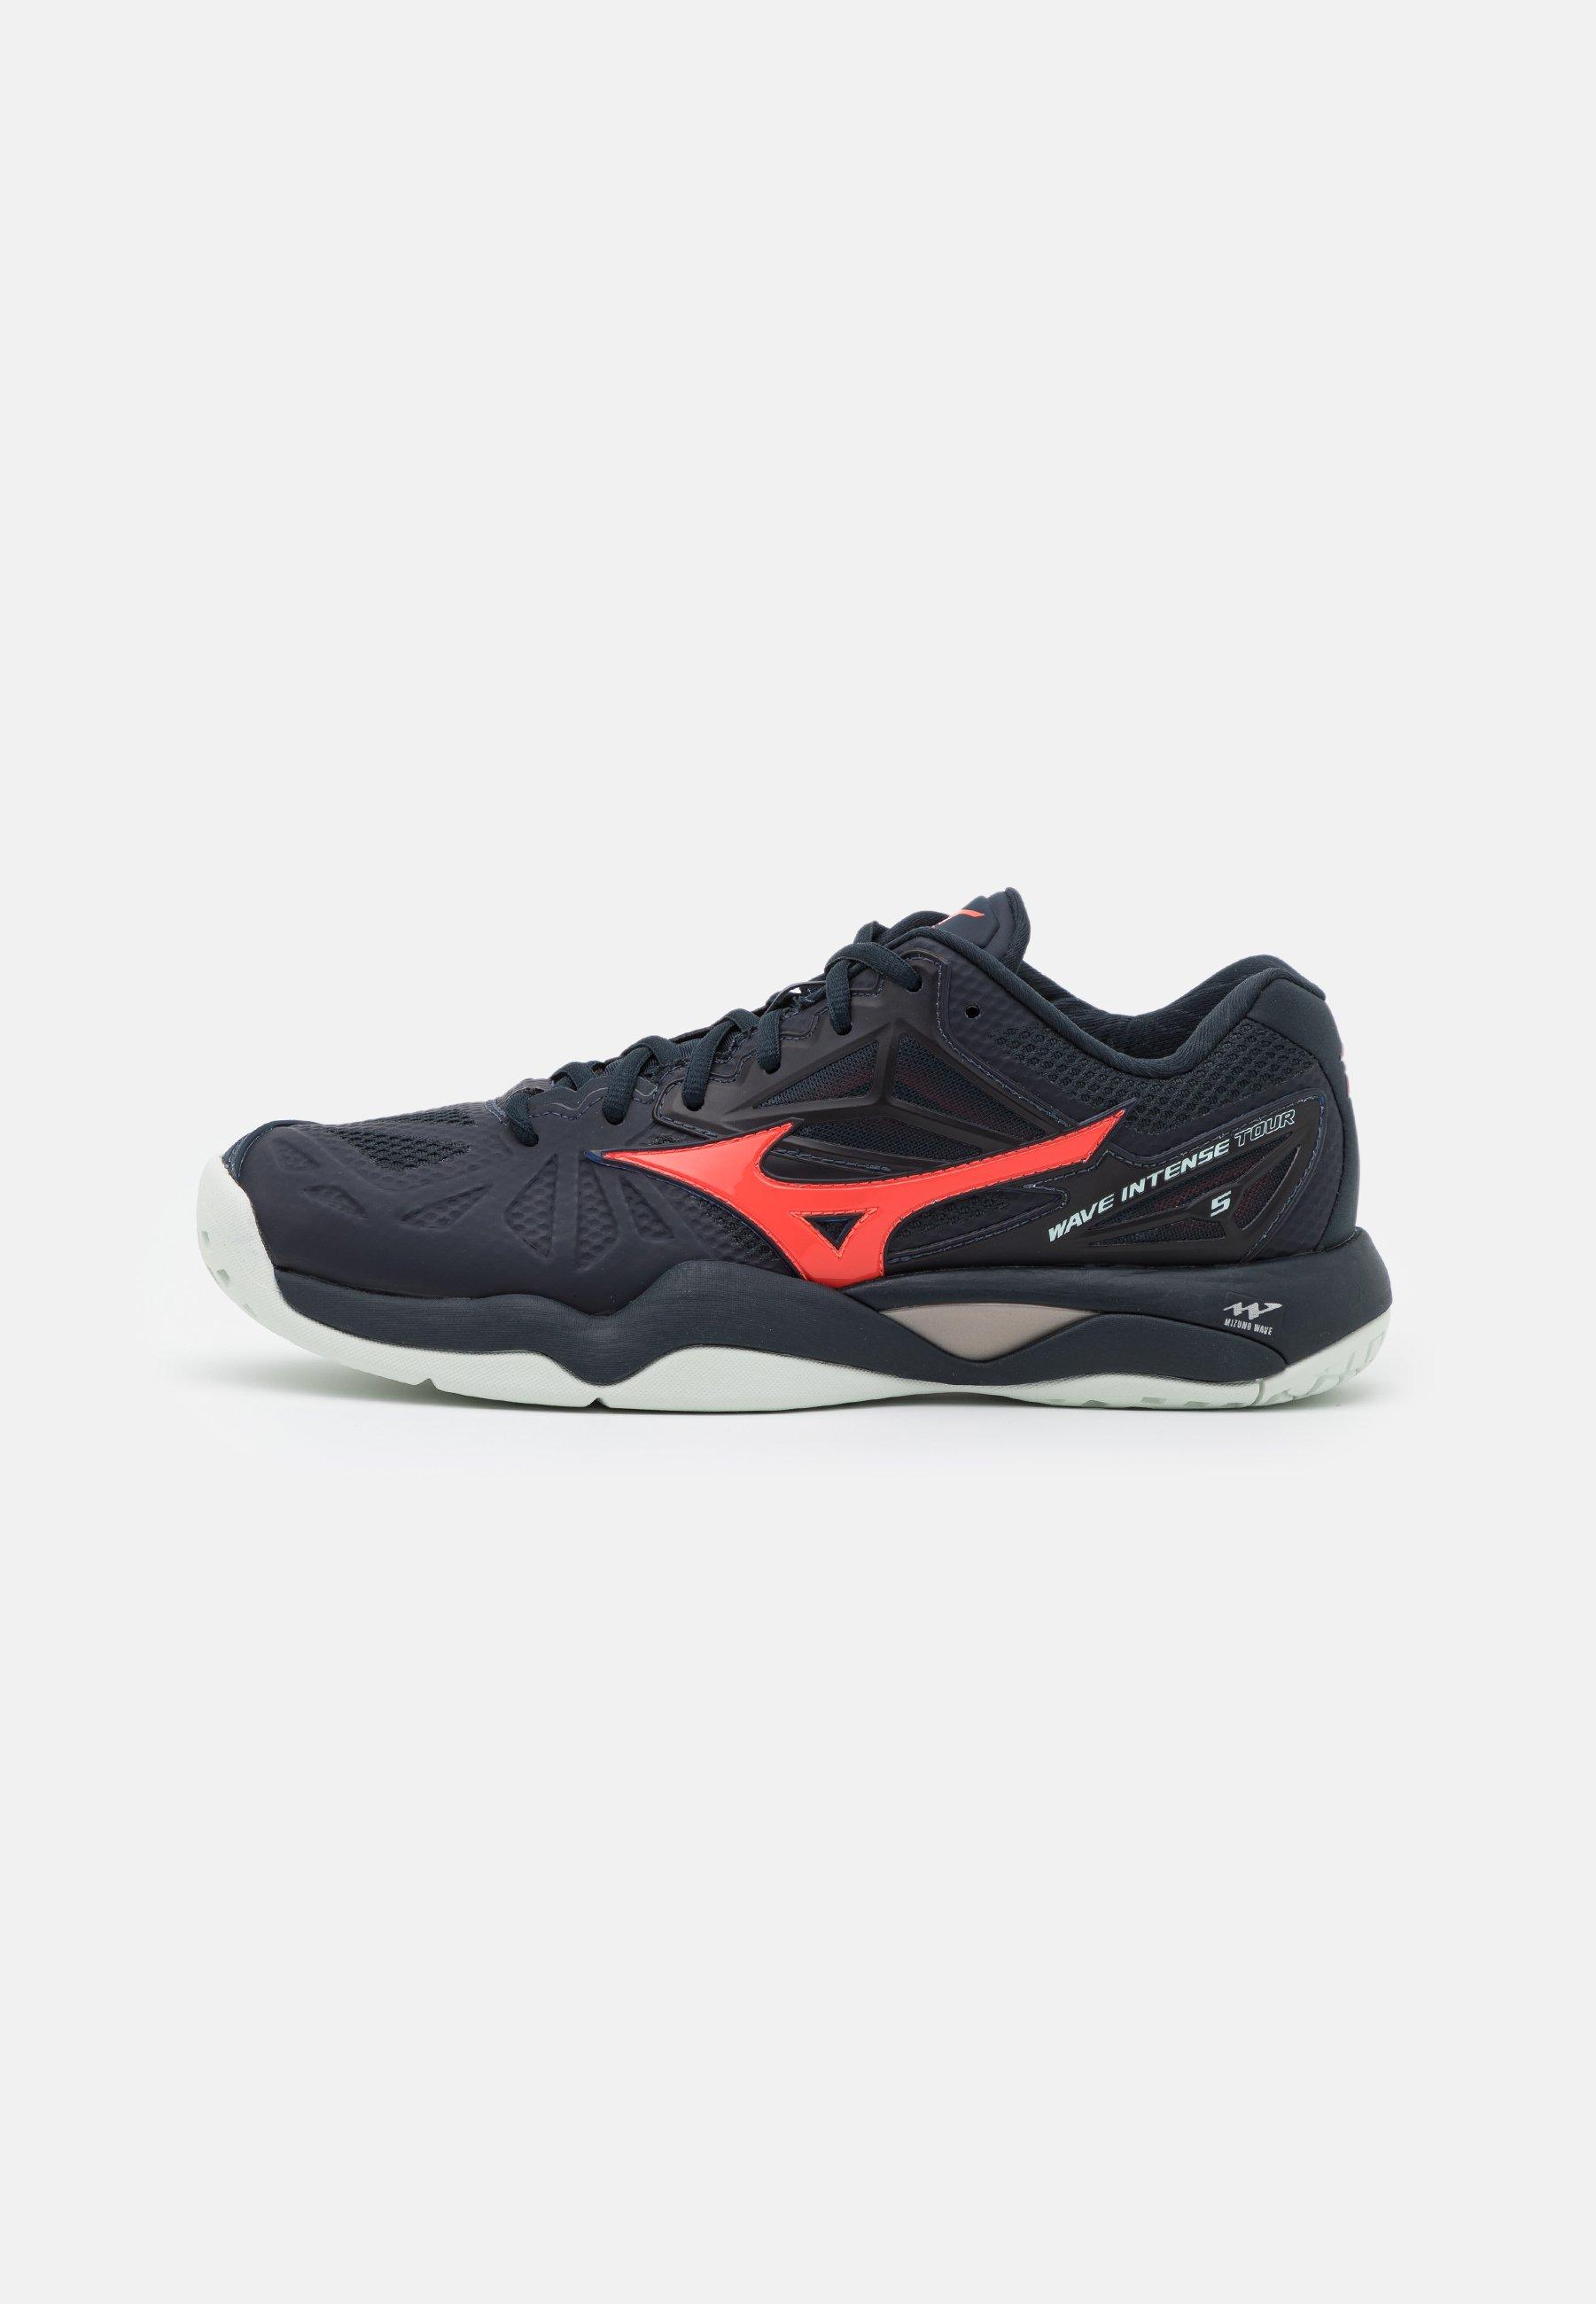 Men WAVE INTENSE TOUR 5 AC - Multicourt tennis shoes